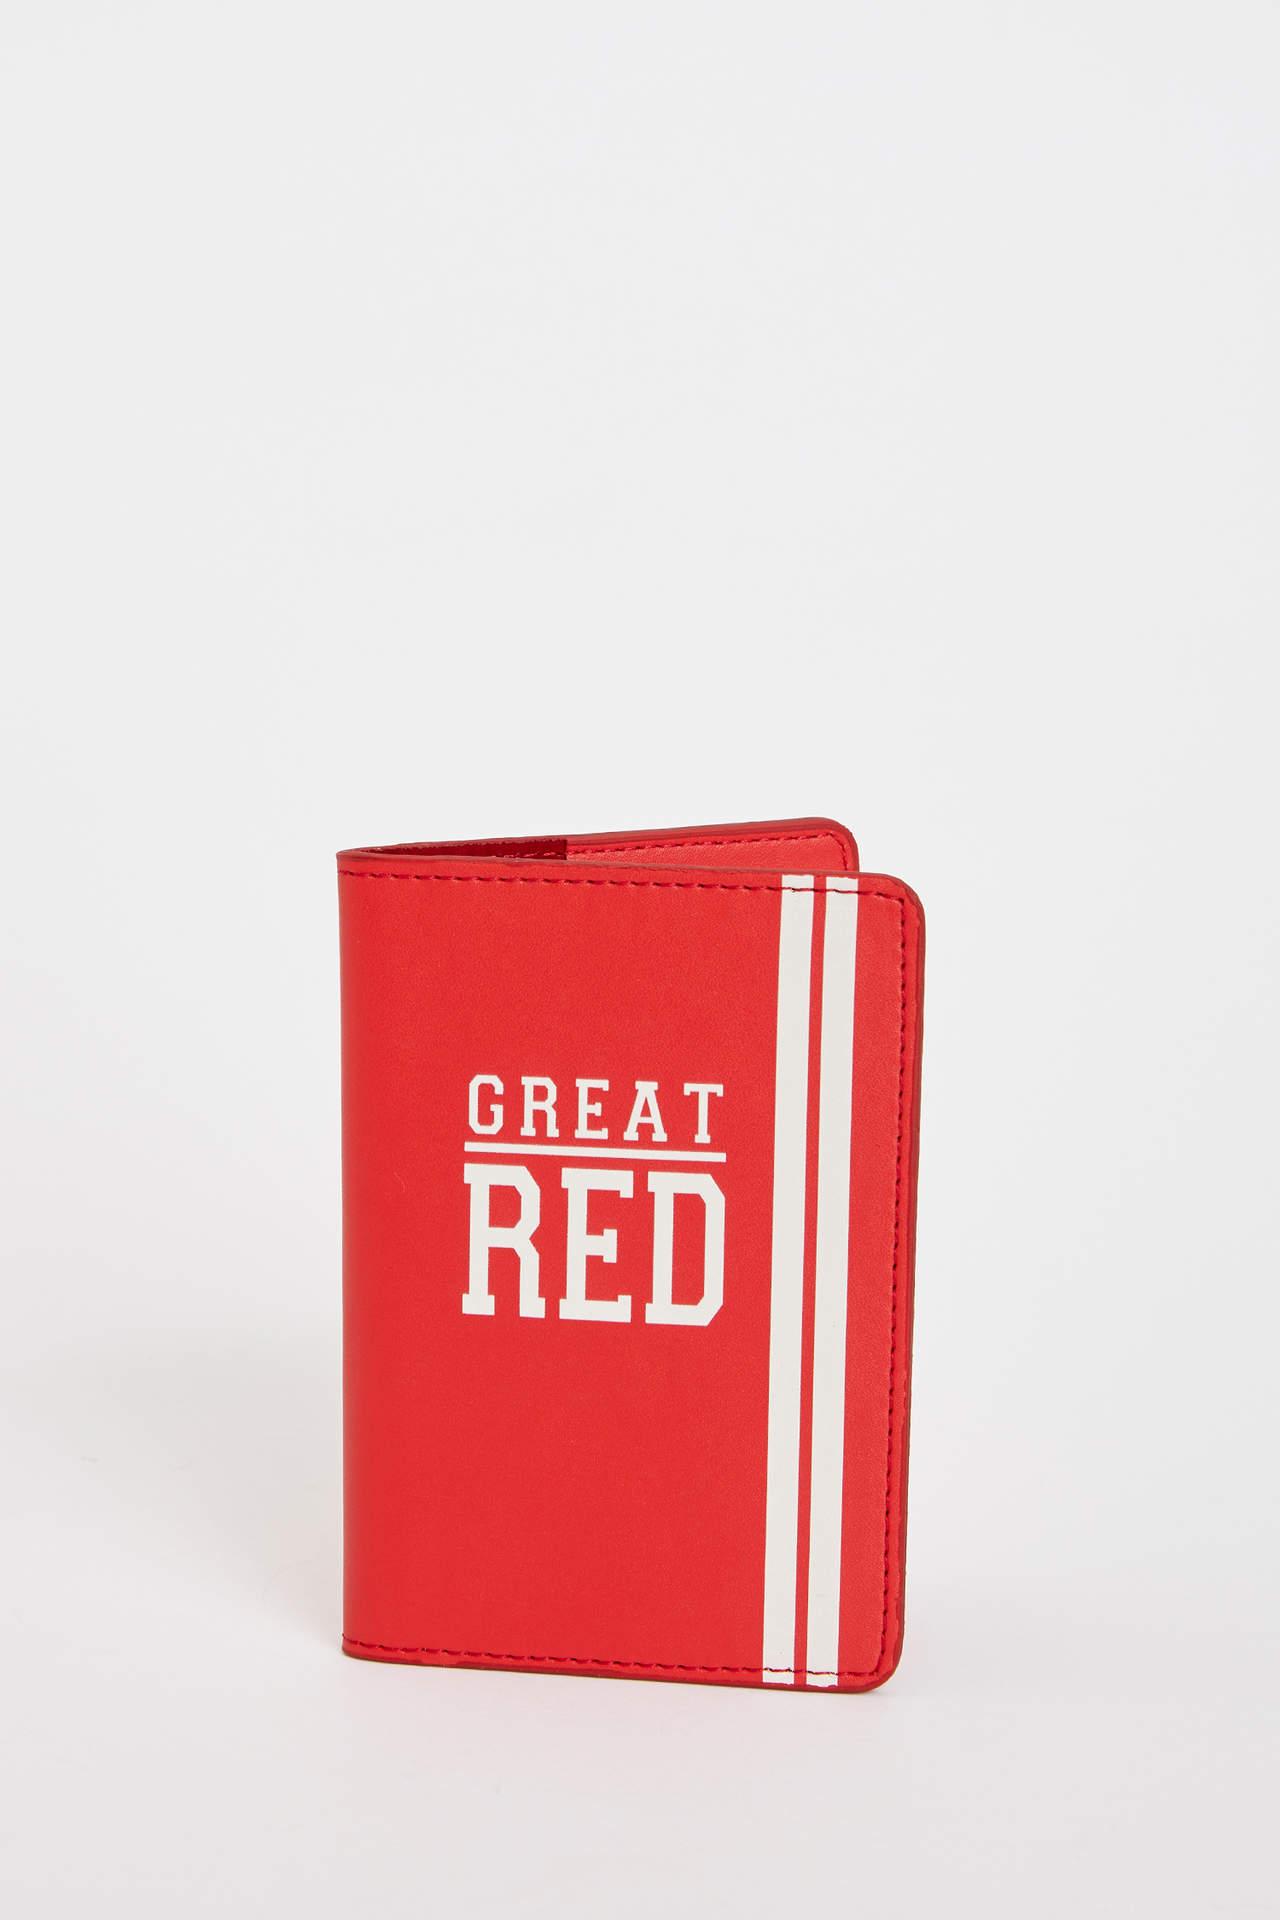 DeFacto Kız Çocuk Baskılı Pasaport Kılıfı Kırmızı female